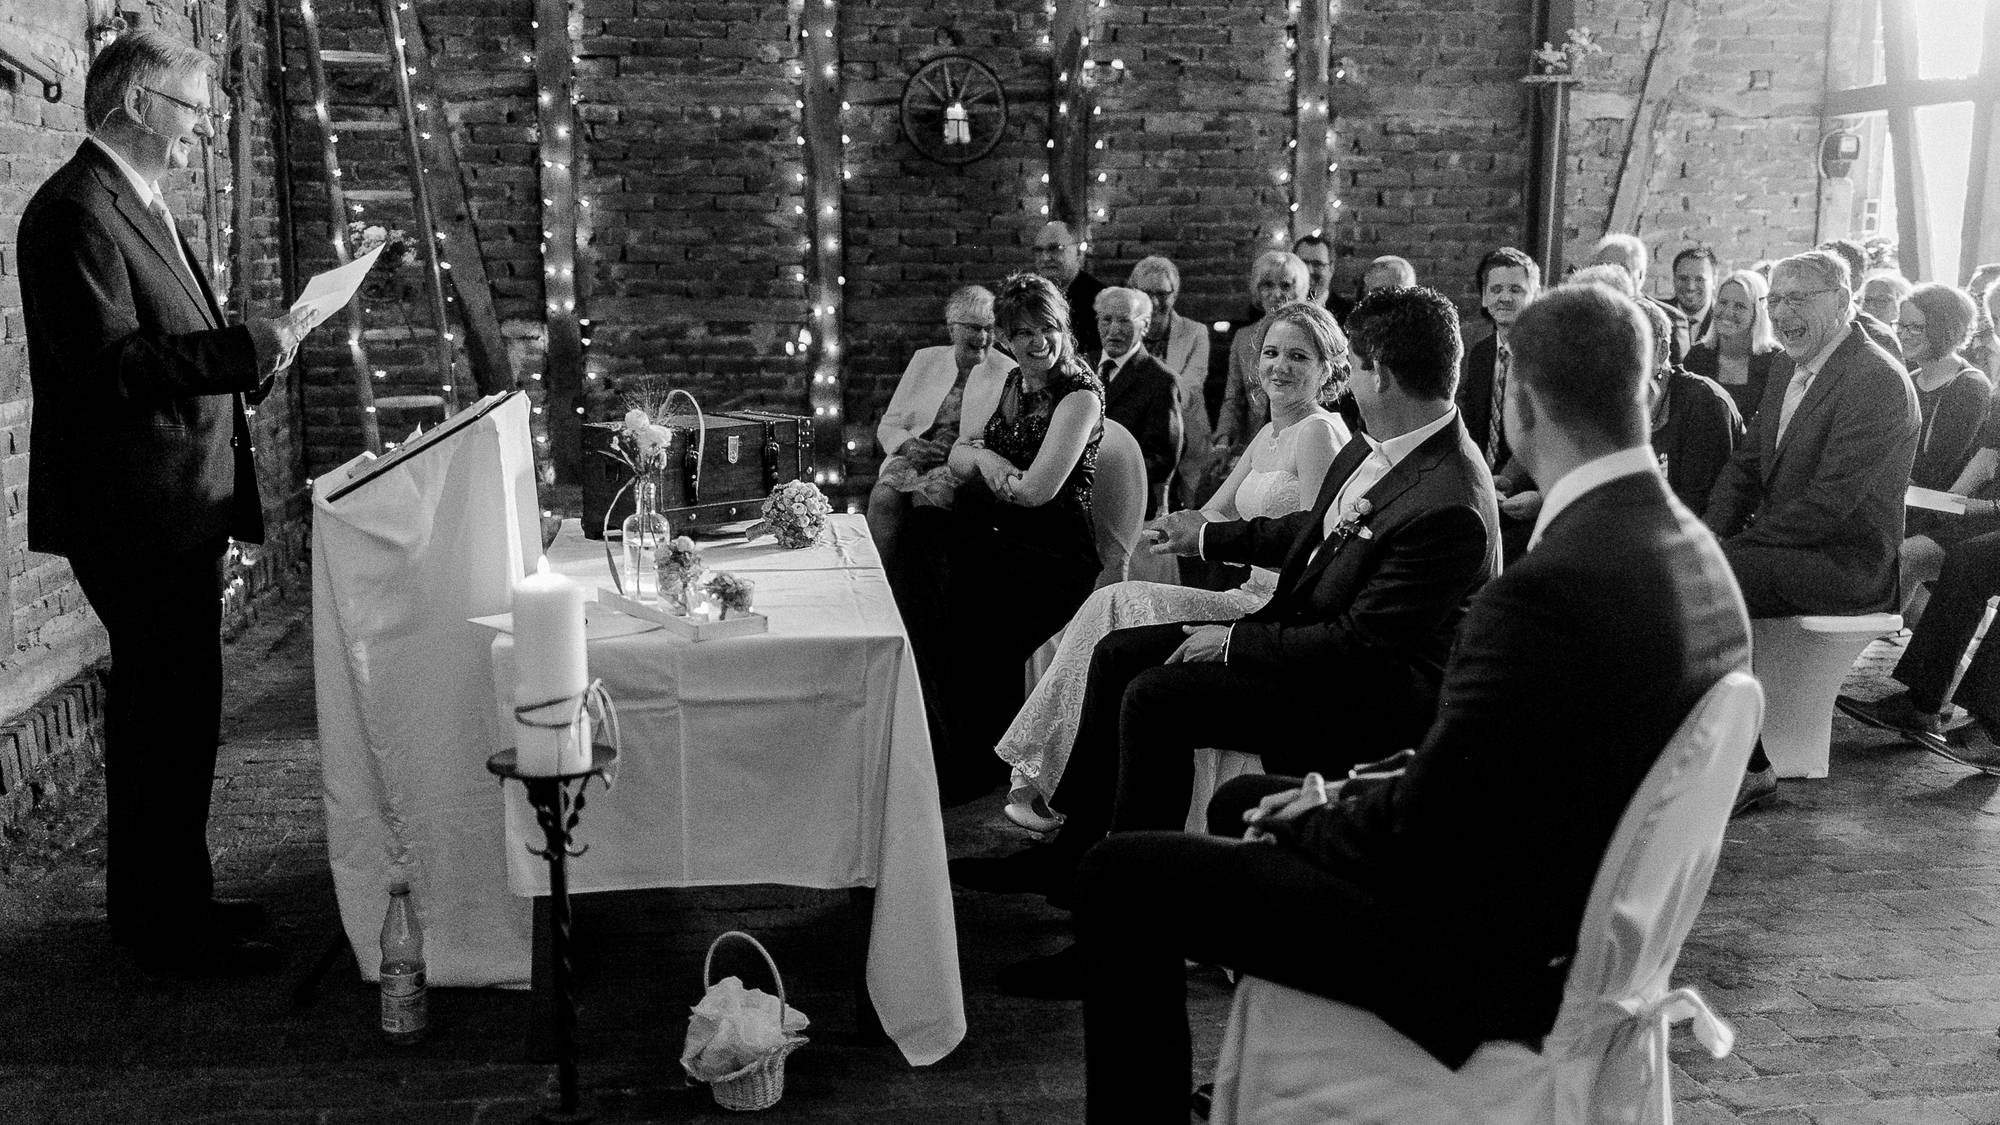 Hochzeitszeremonie in einer Scheune in Menden